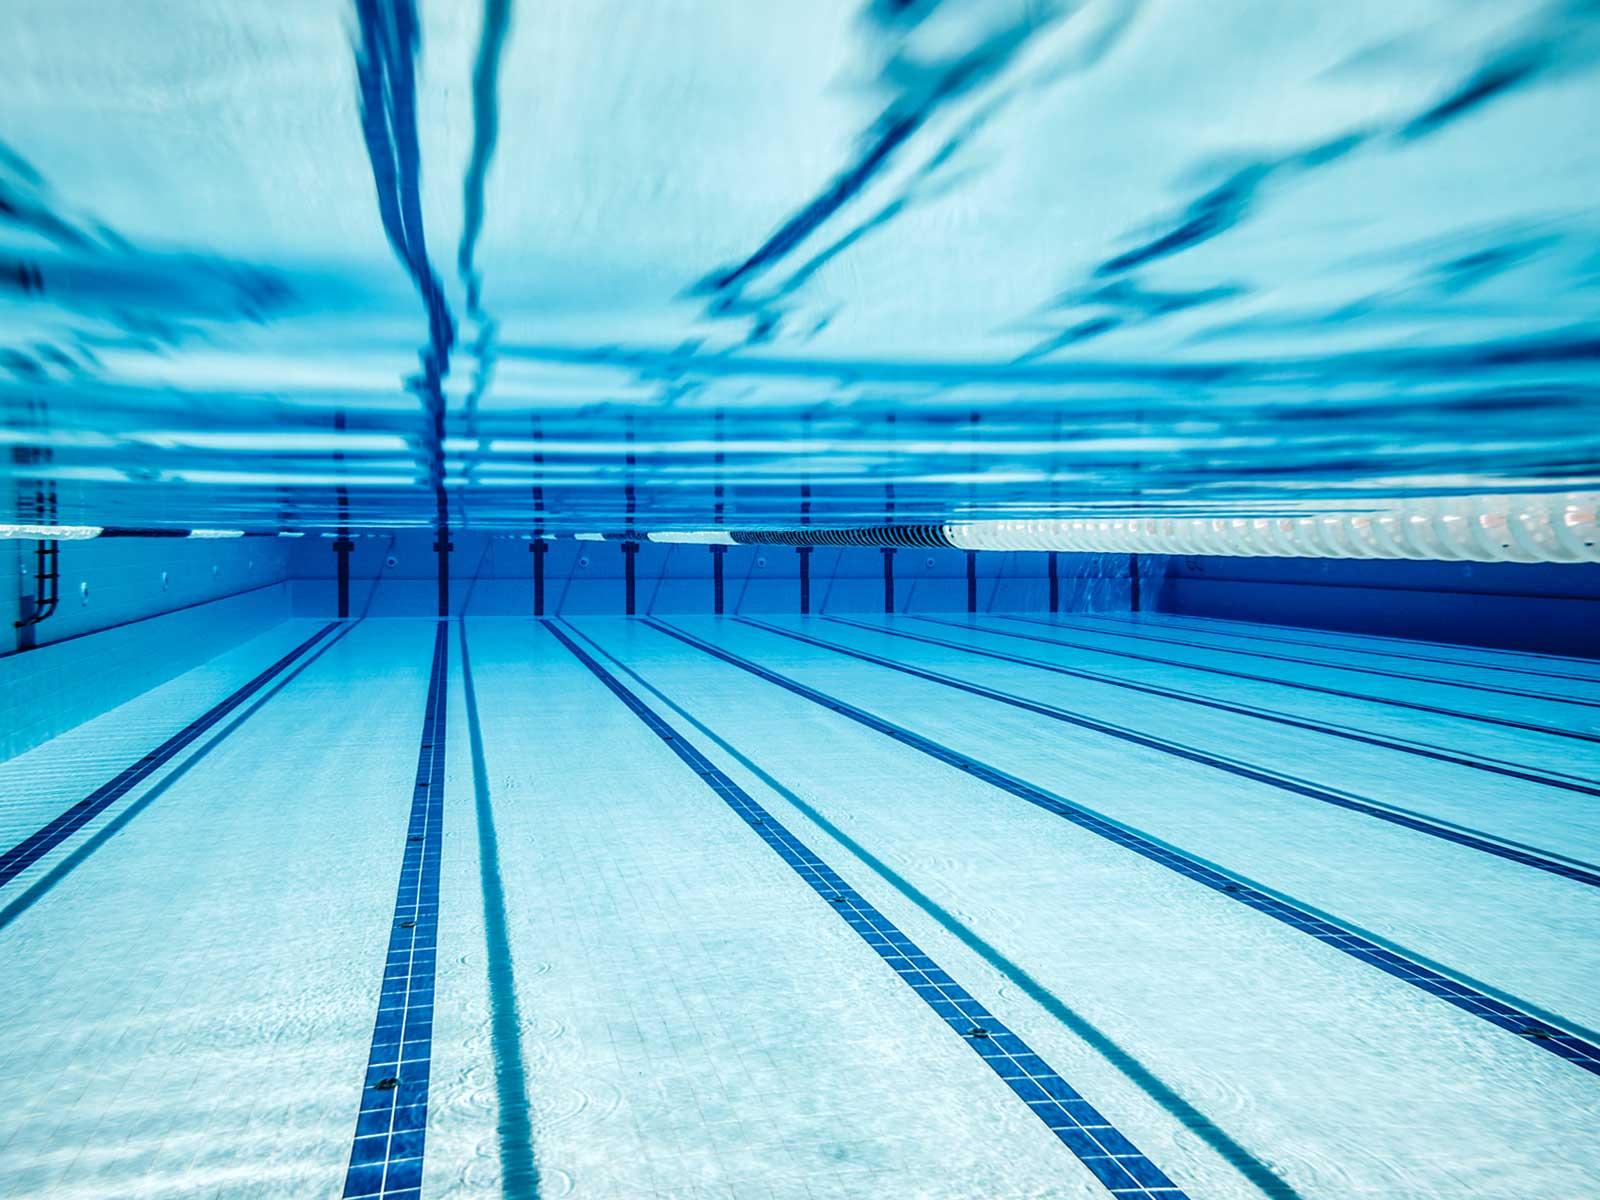 Vert marine le succ s d une entreprise de sportifs for Nettoyage piscine verte